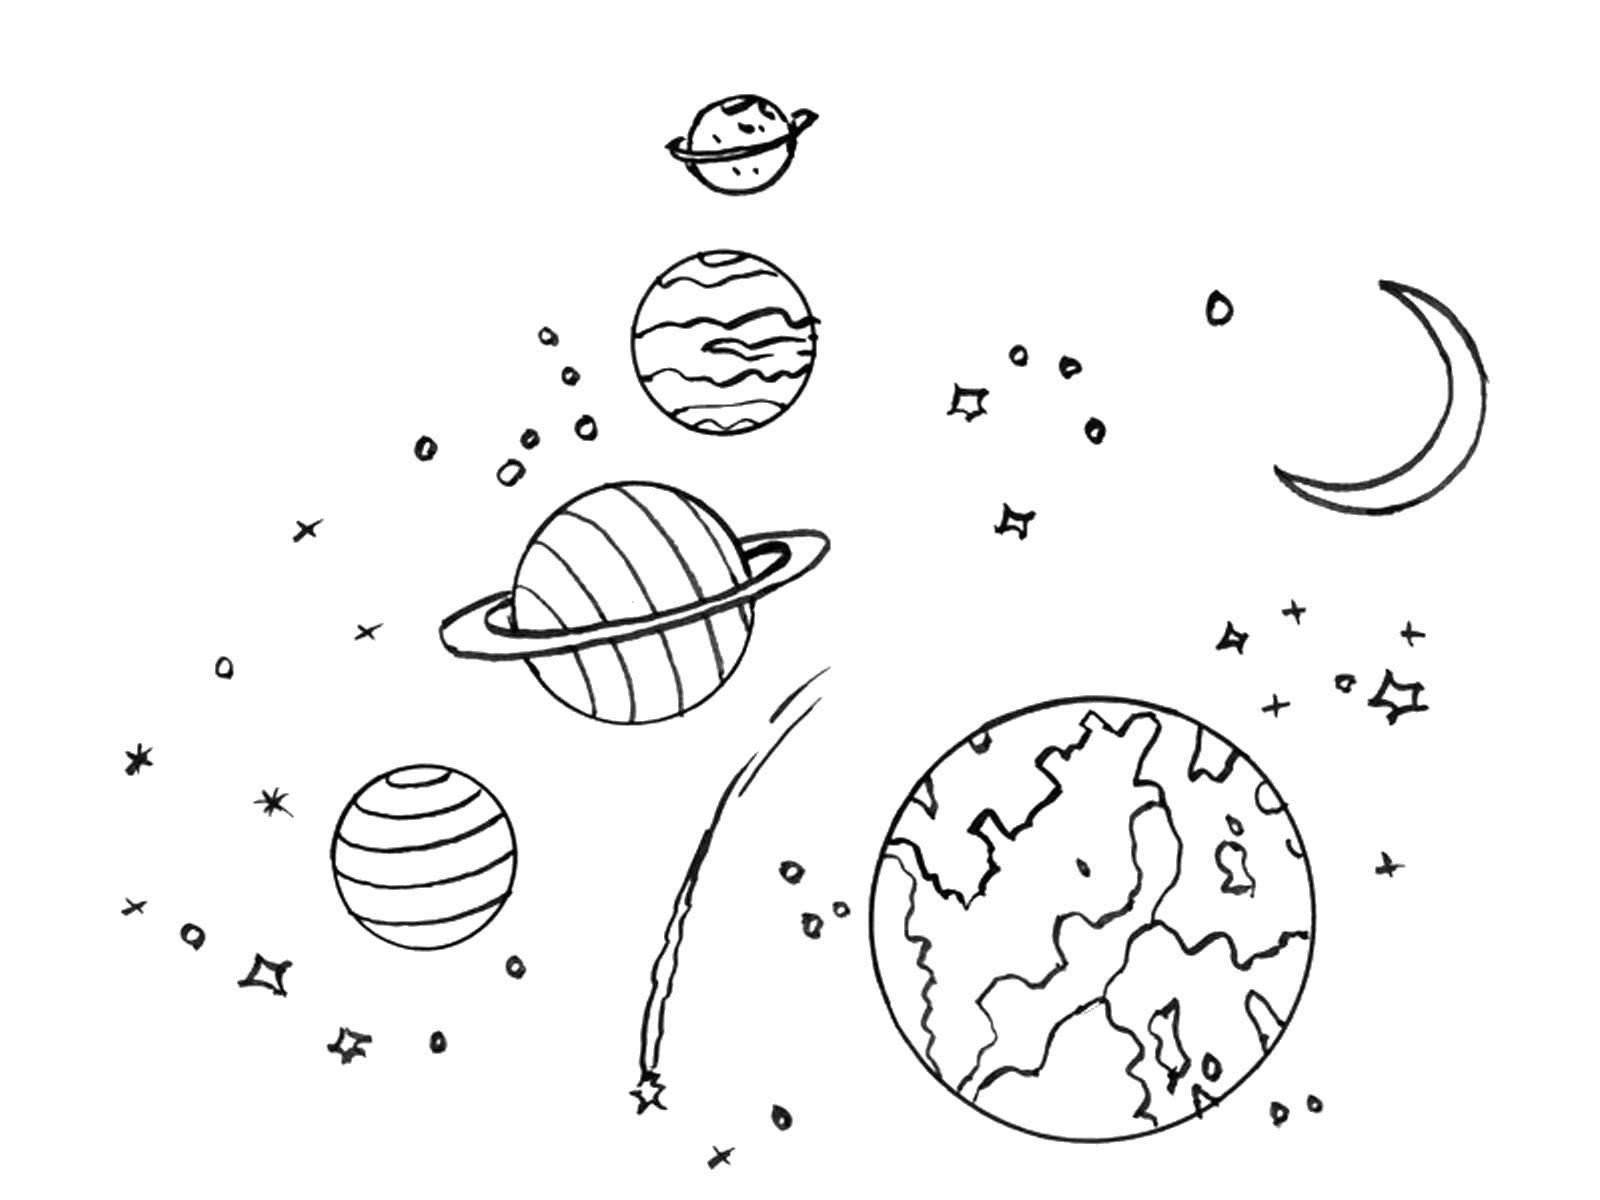 Раскраска Планеты солнечной системы Скачать Космос, планета, Вселенная, Галактика.  Распечатать ,космос,